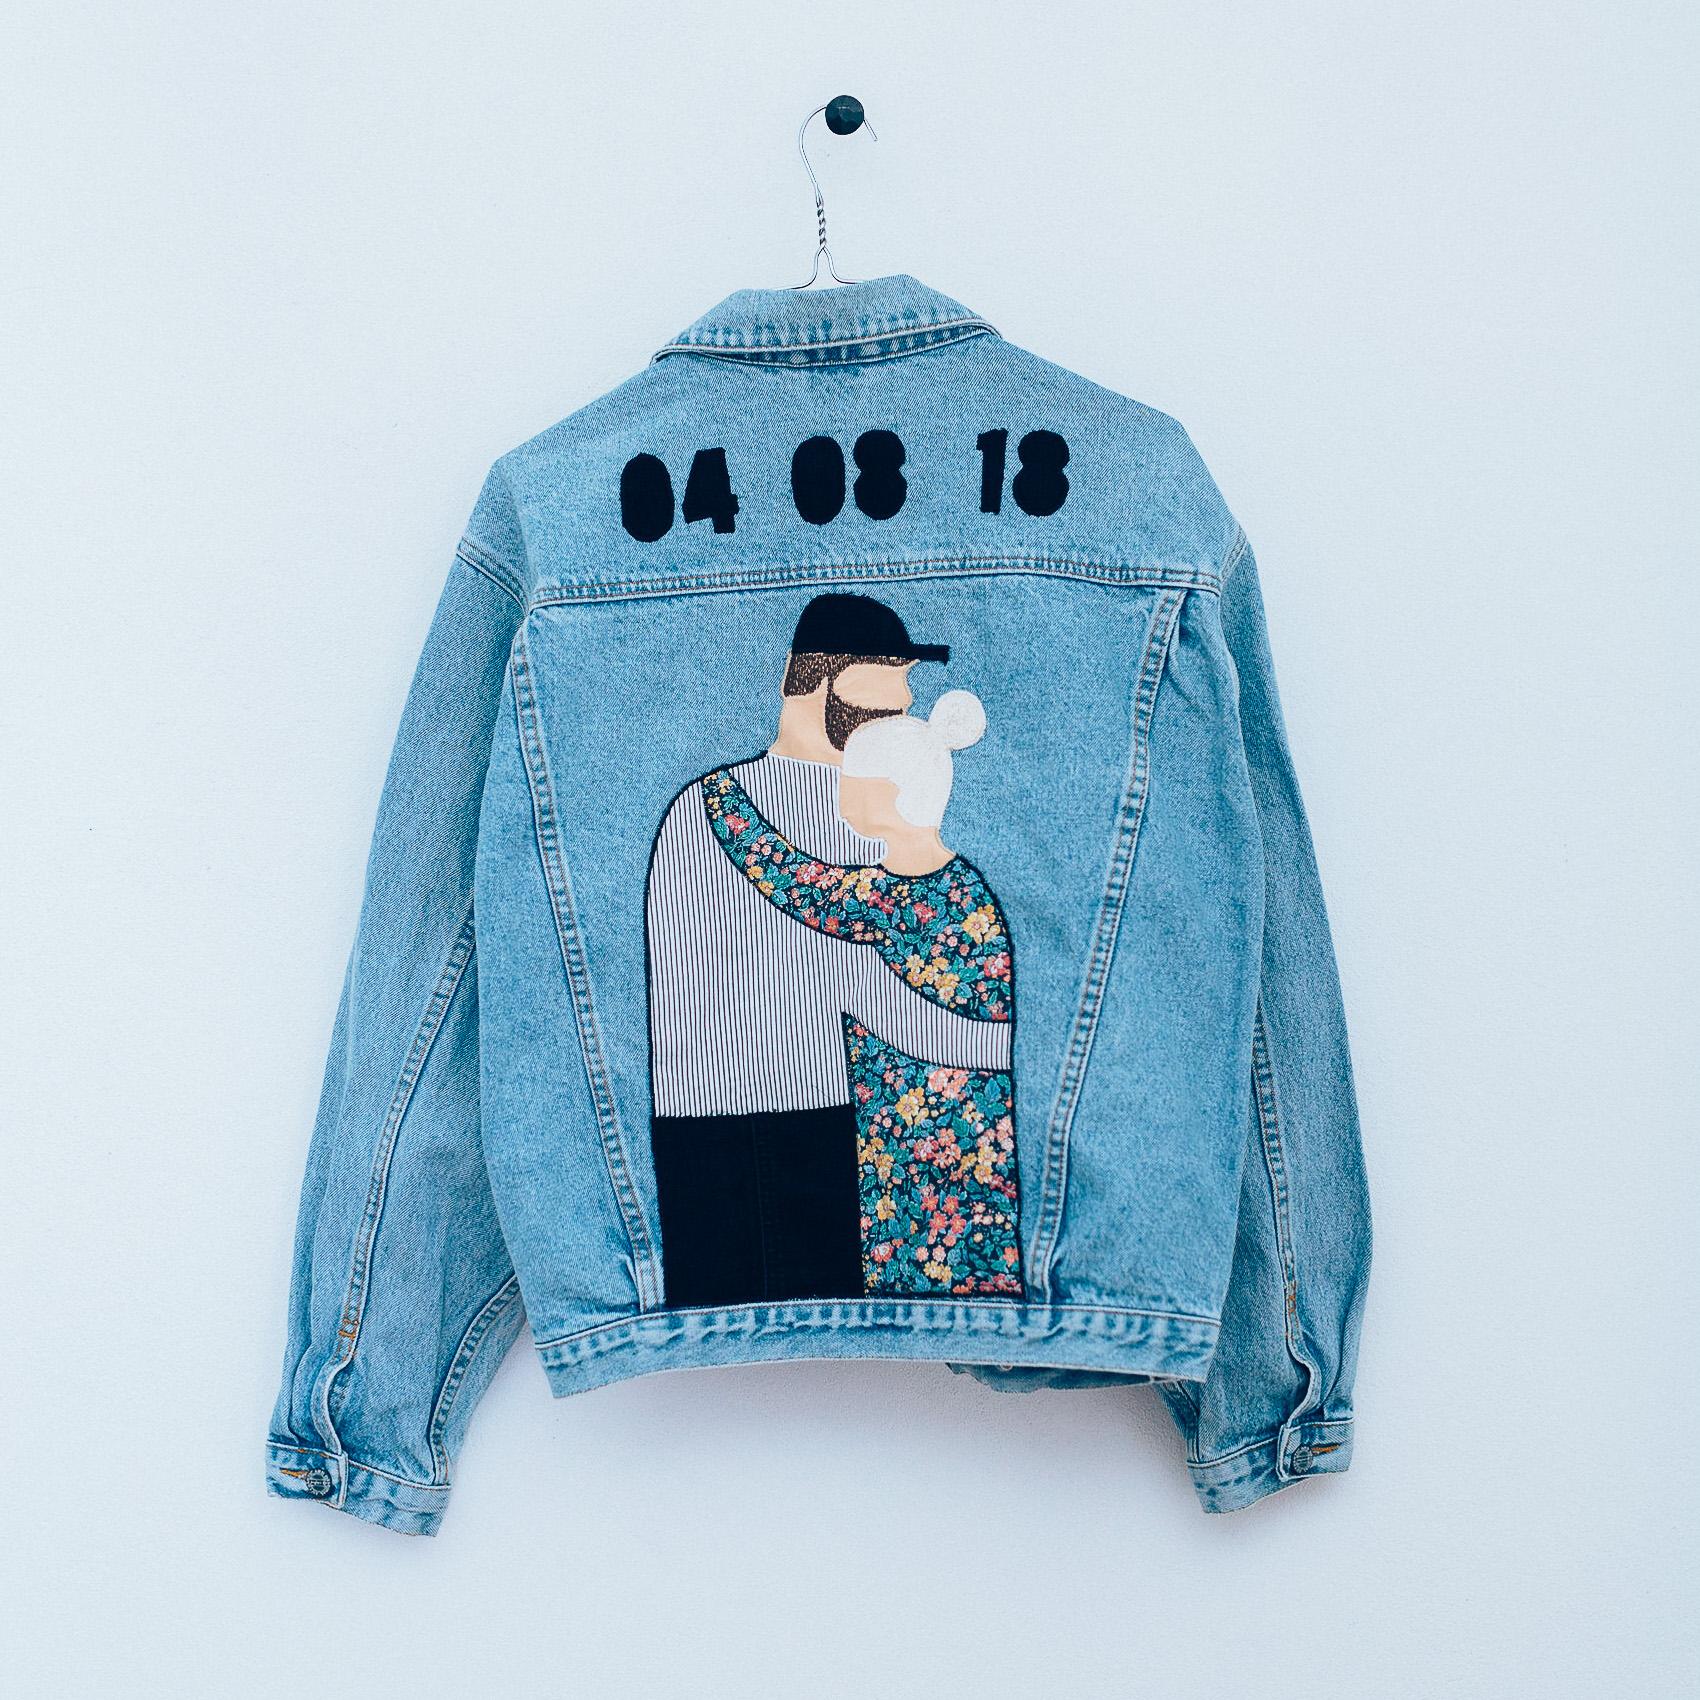 Dagmar_bridal jacket_a couple_pocket pocket_1.jpg